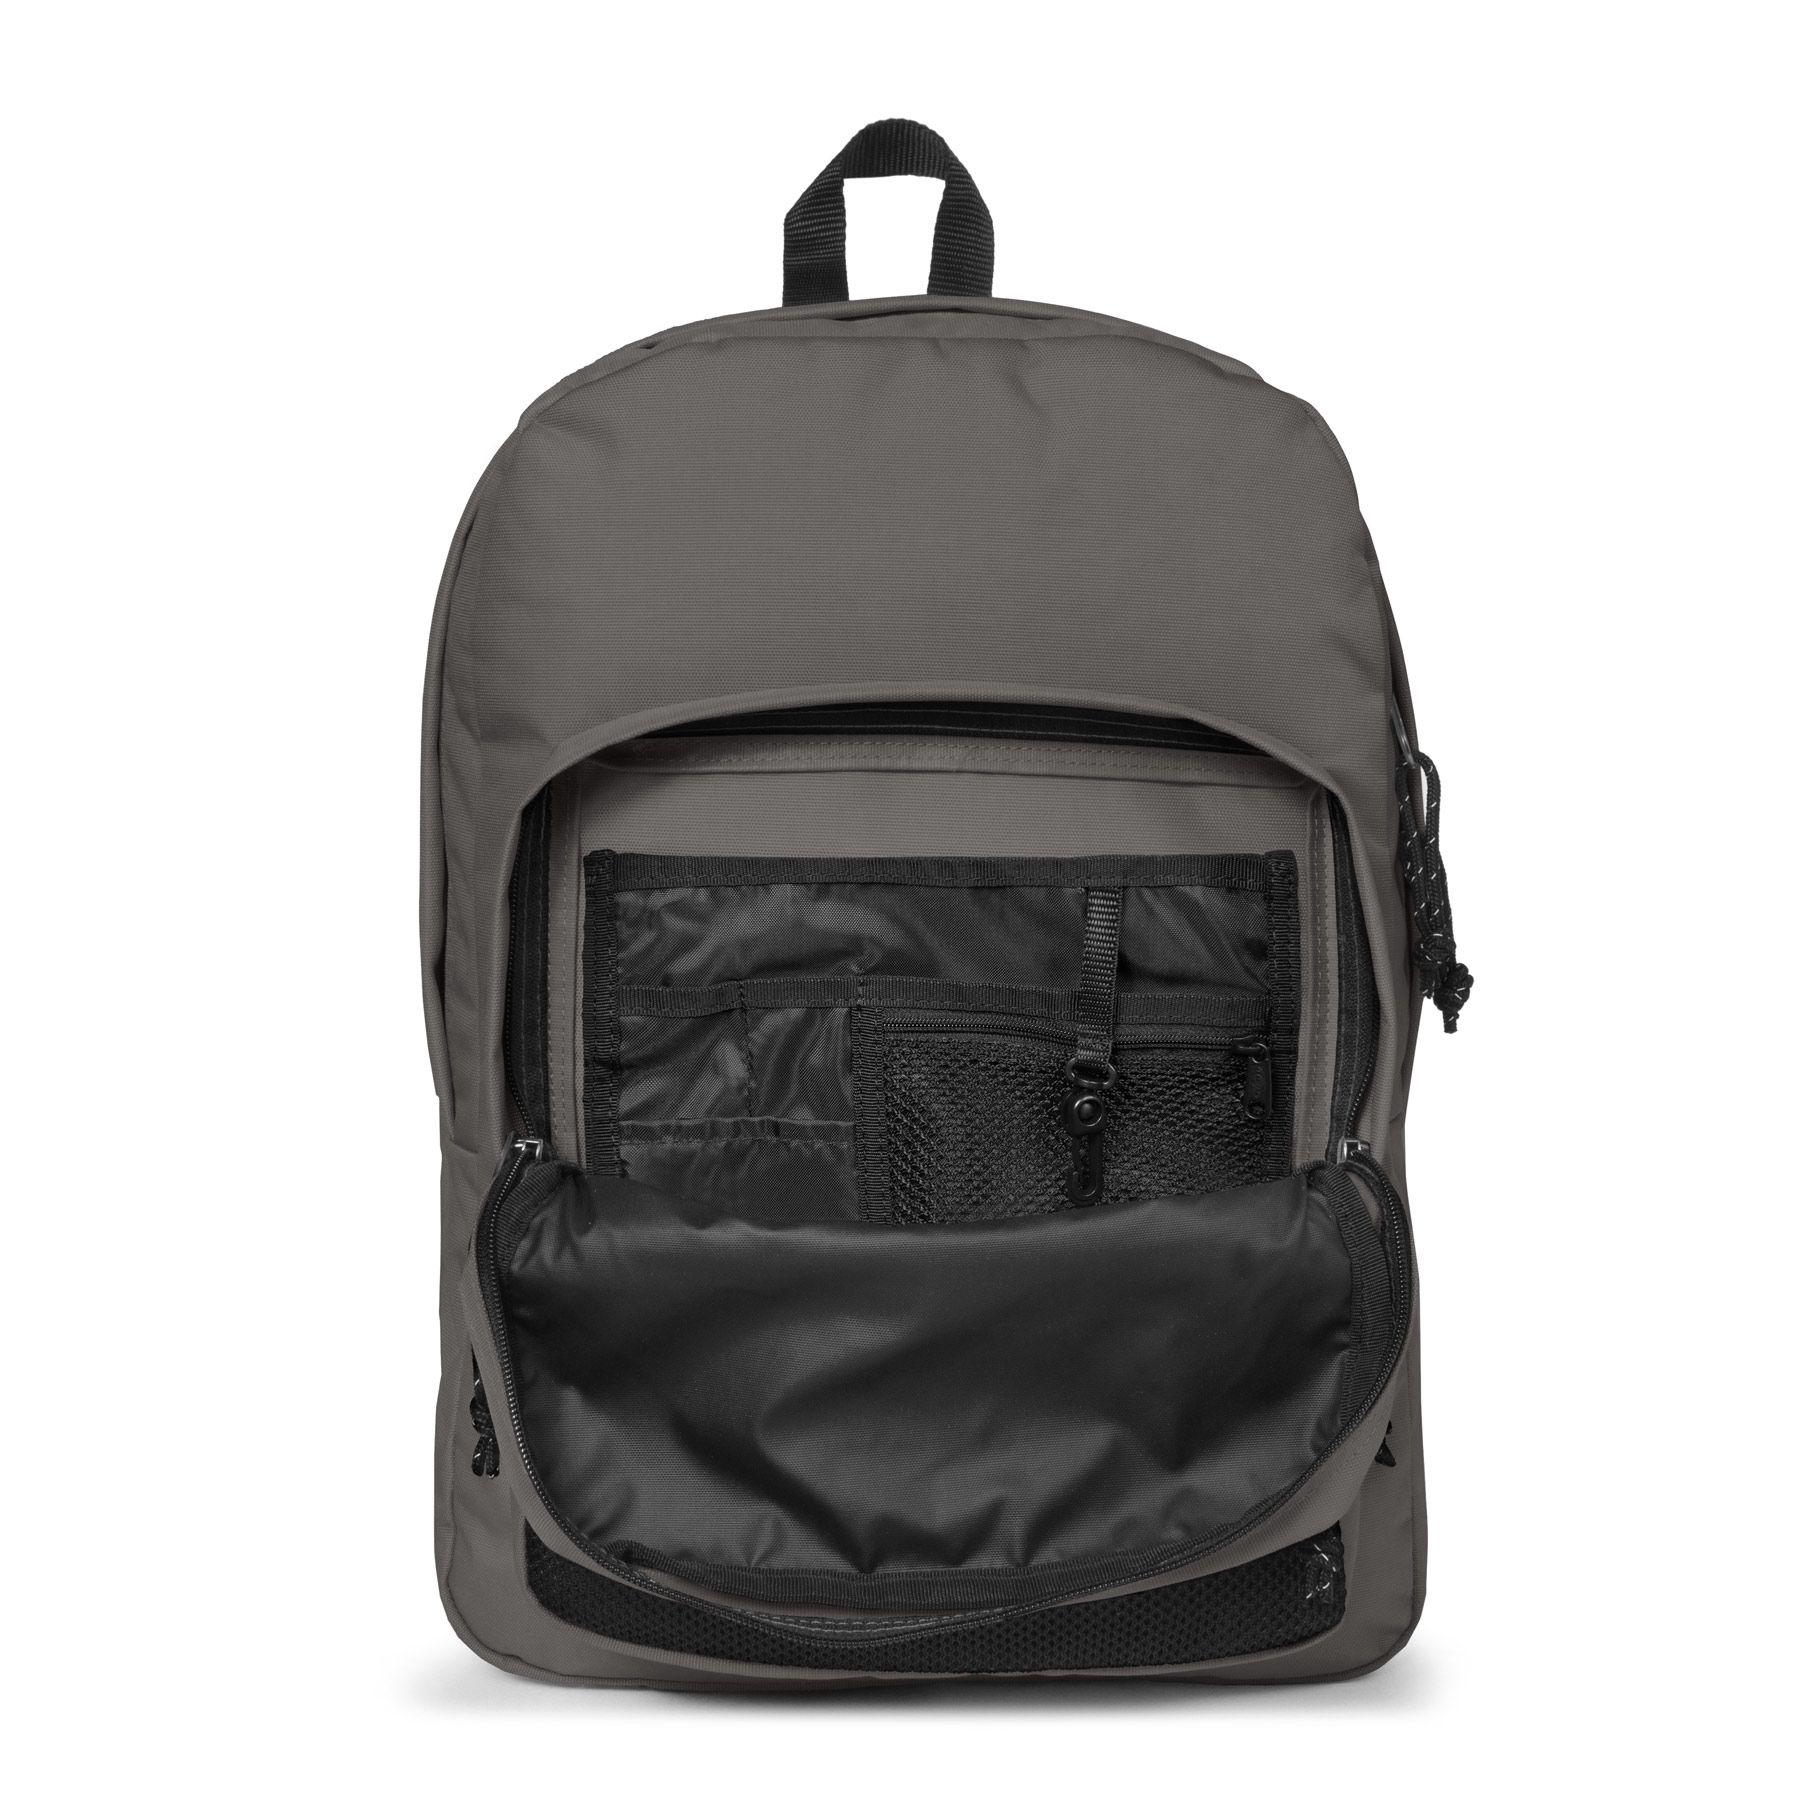 De Eastpak Back to Work is met zijn ruime hoofdcompartiment een praktische maar ook stoere rugtas. De tas heeft een ruim laptopcompartiment waar een laptop tot en met 15 inch in kan. U kunt al uw a4 documenten en boeken goed opbergen in deze tas.